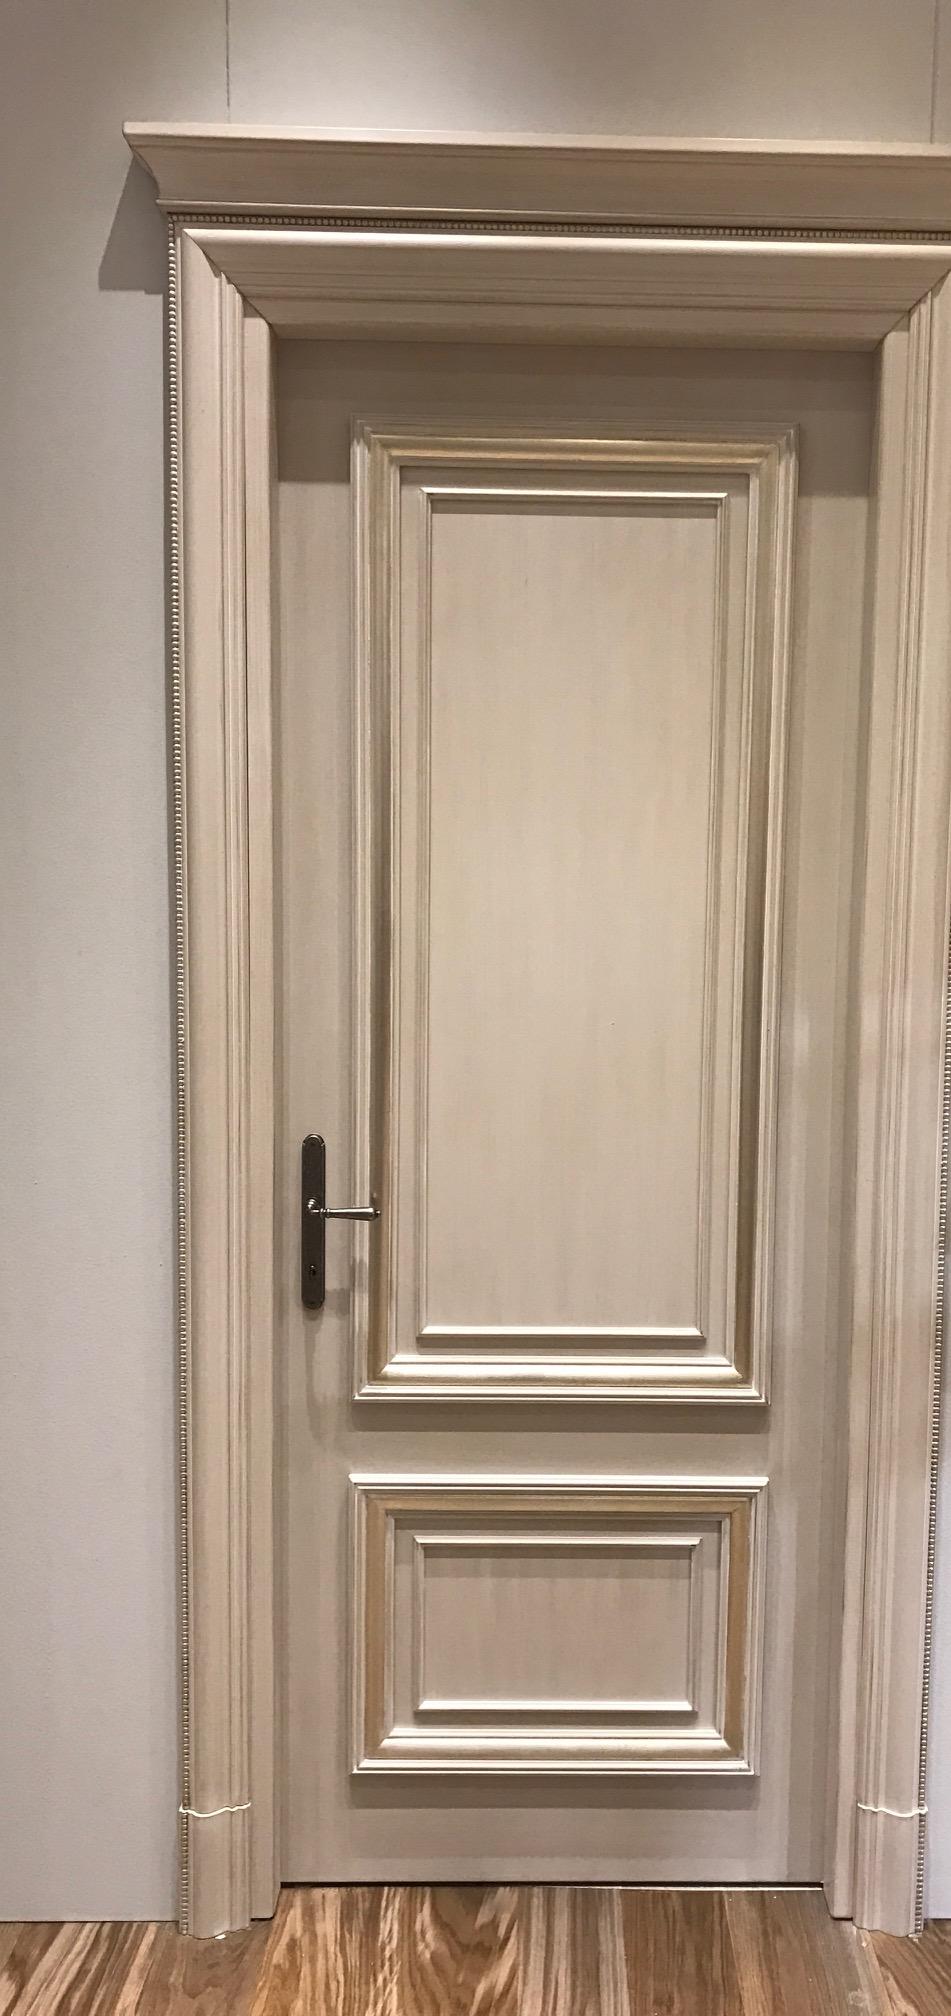 Porte produzione e vendita di infissi e finestre saliscendi - Finestre saliscendi in pvc ...